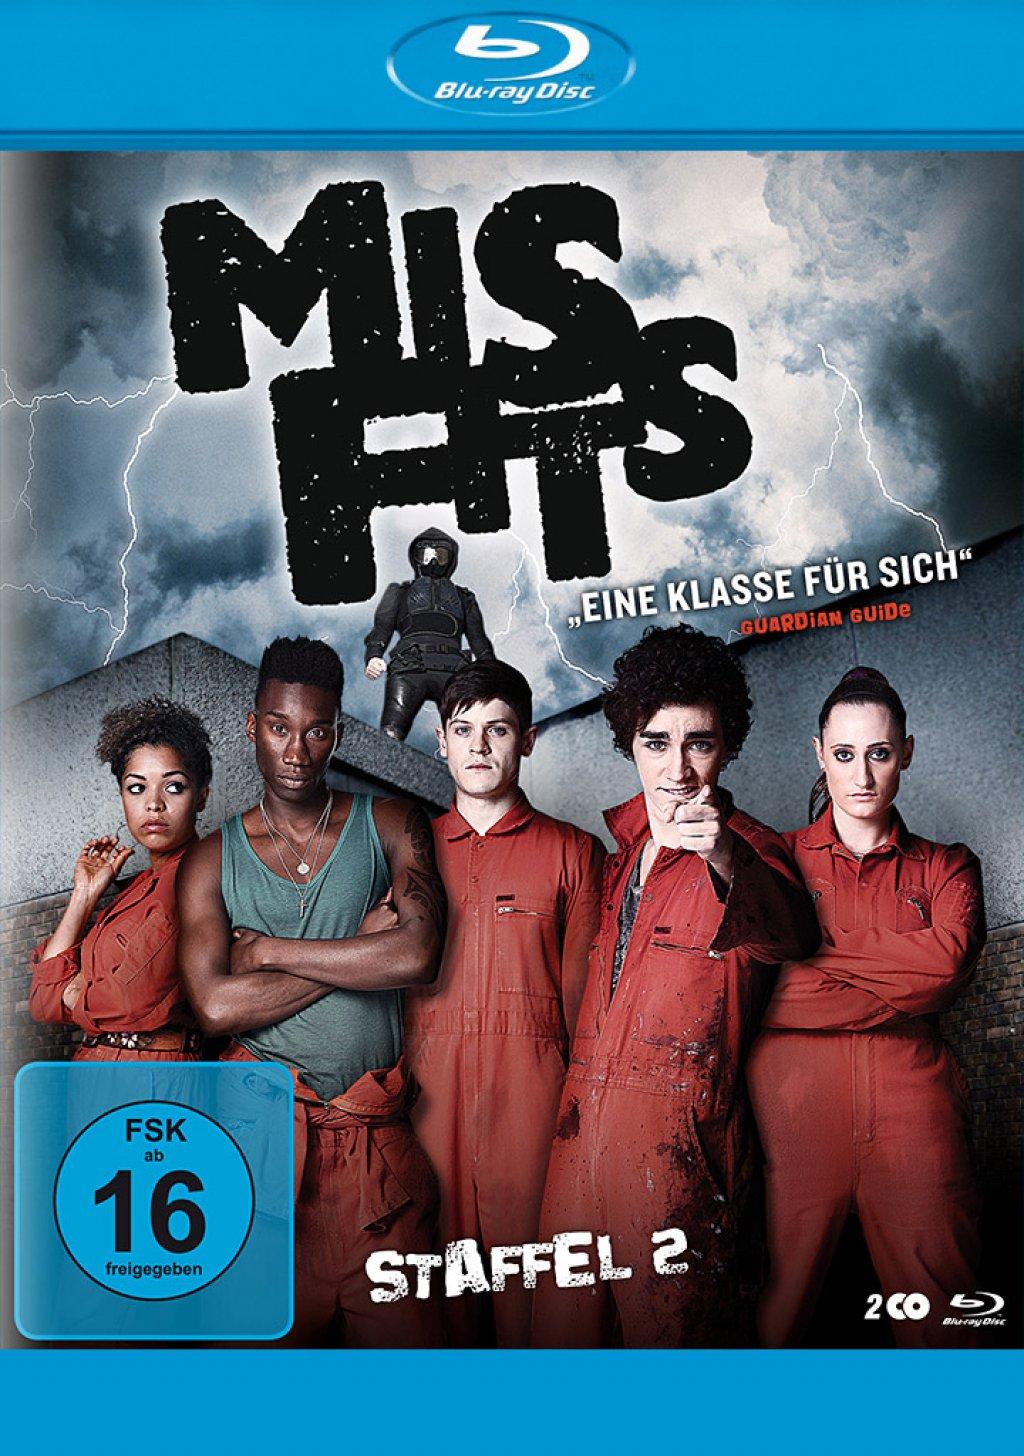 Misfits - Staffel 02 (Blu-ray)